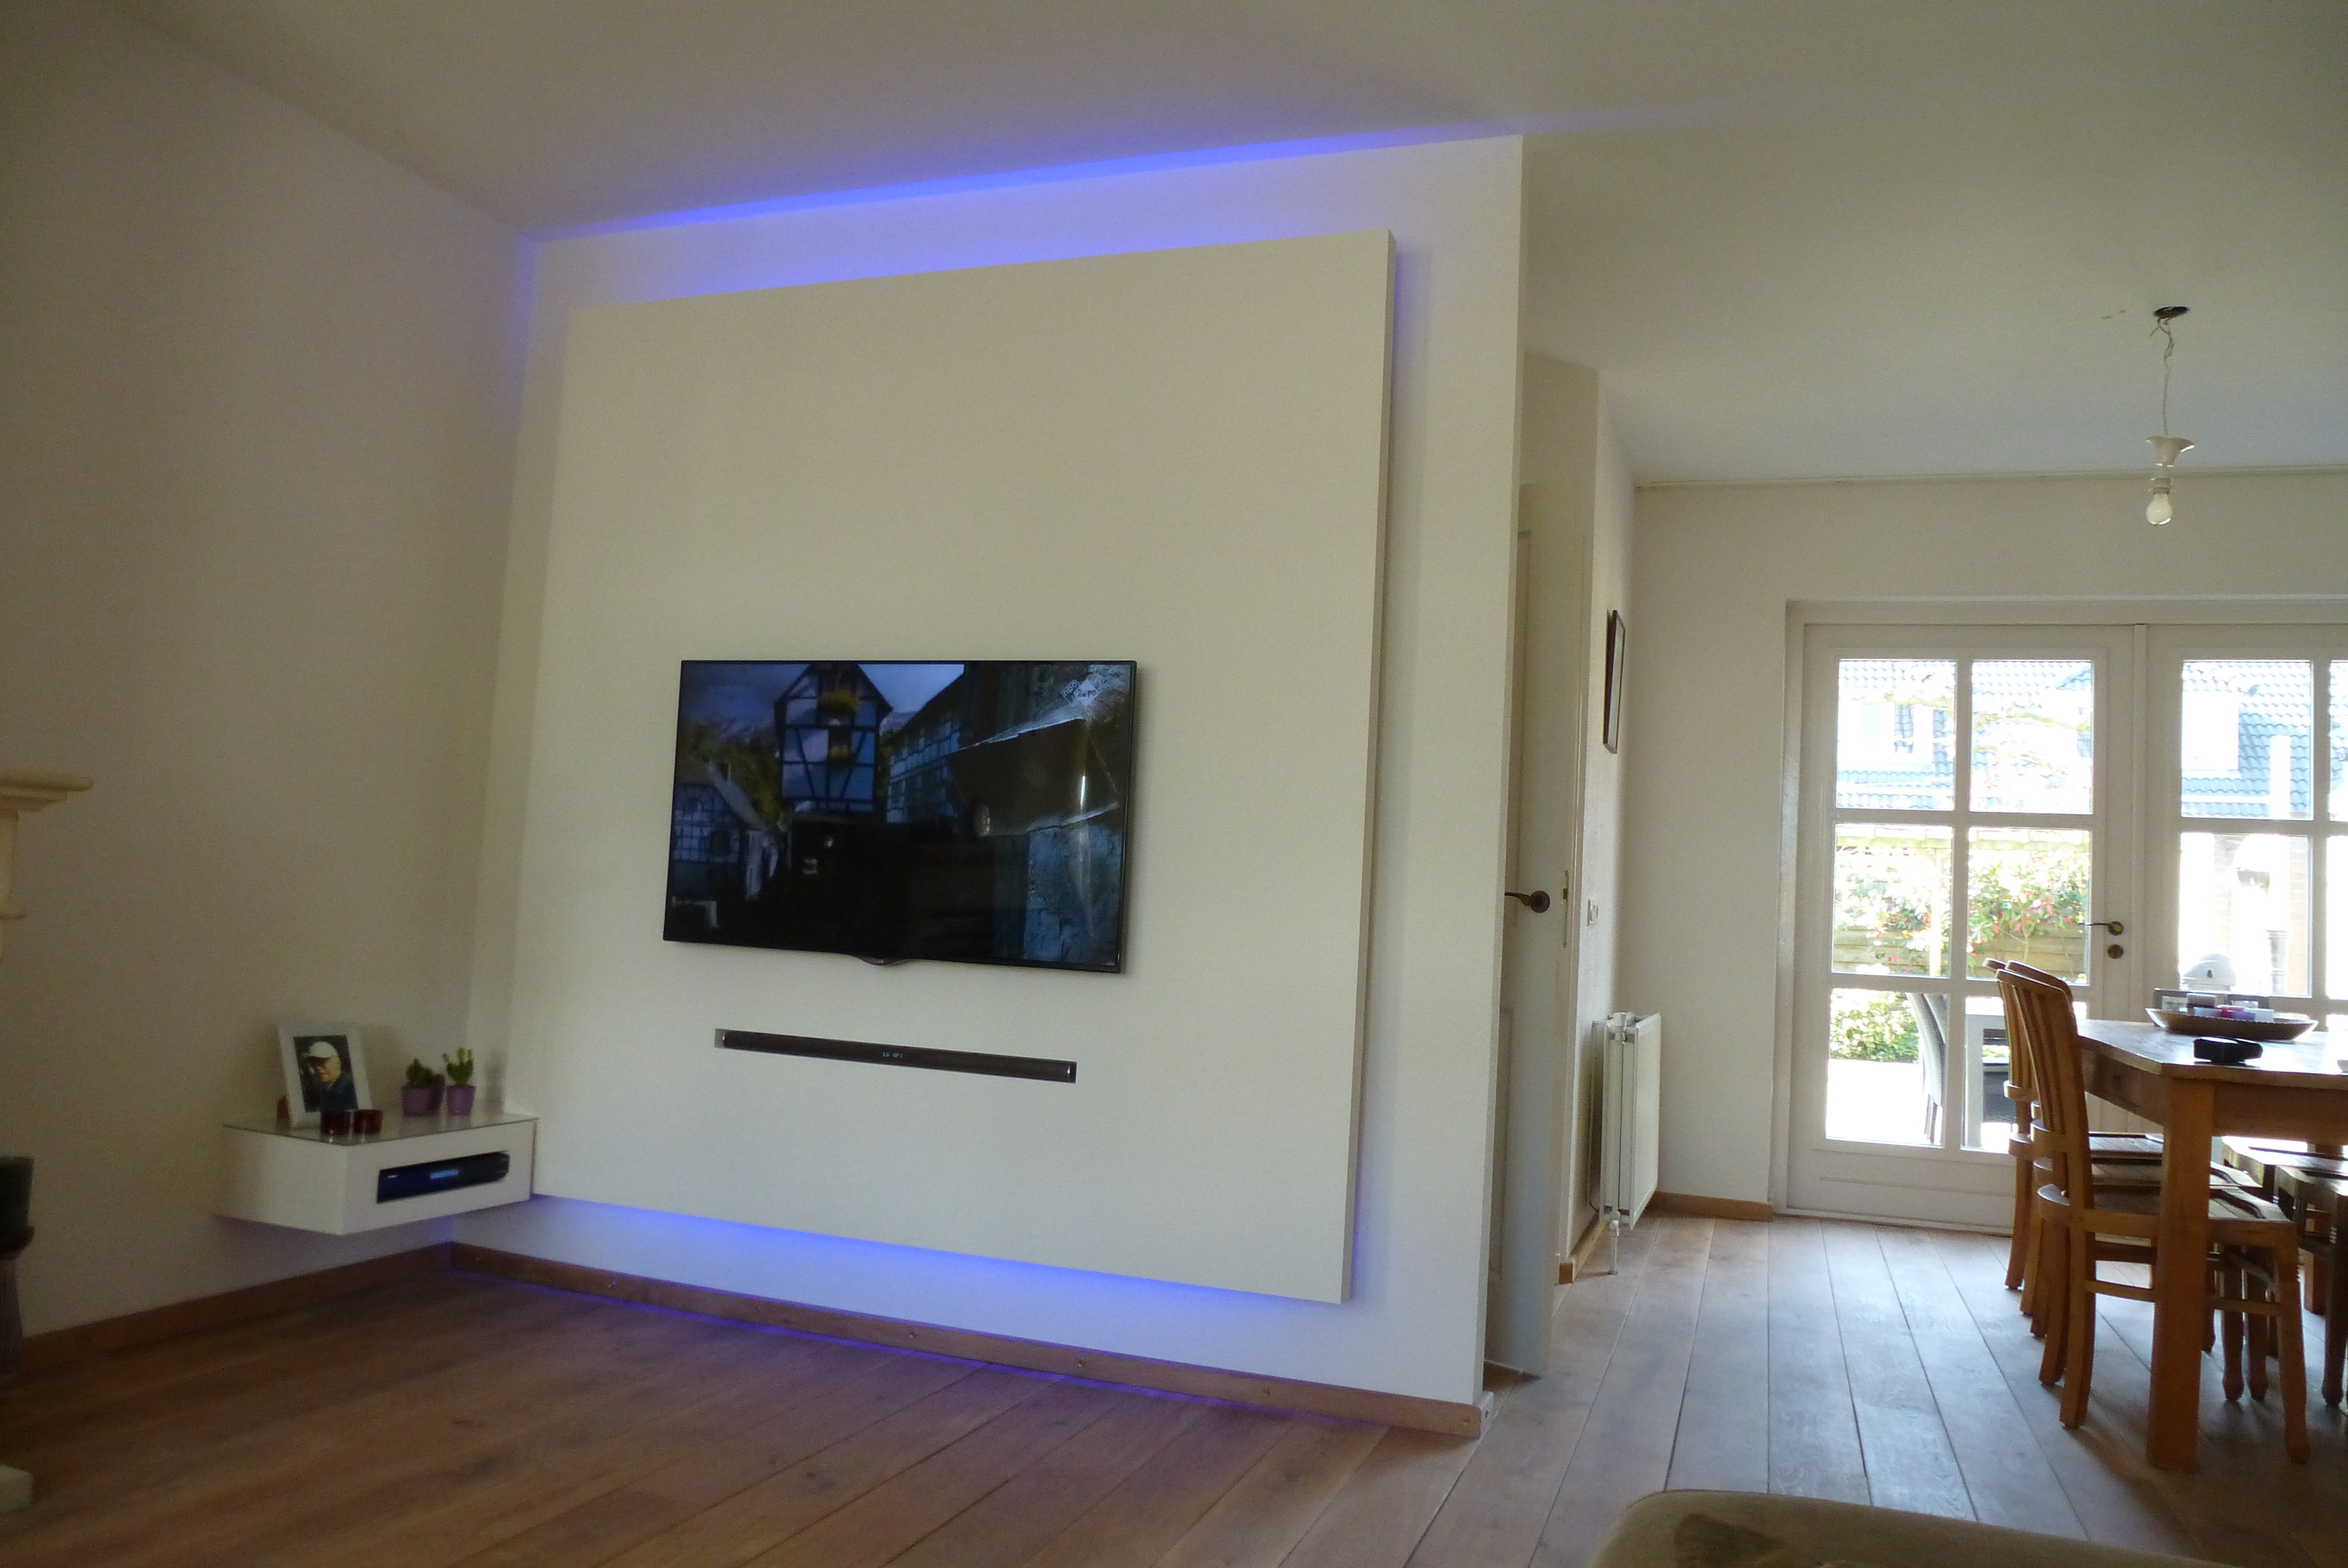 Tv In Muur : Tv an wand befestigen fernseher an die wand montieren welche h